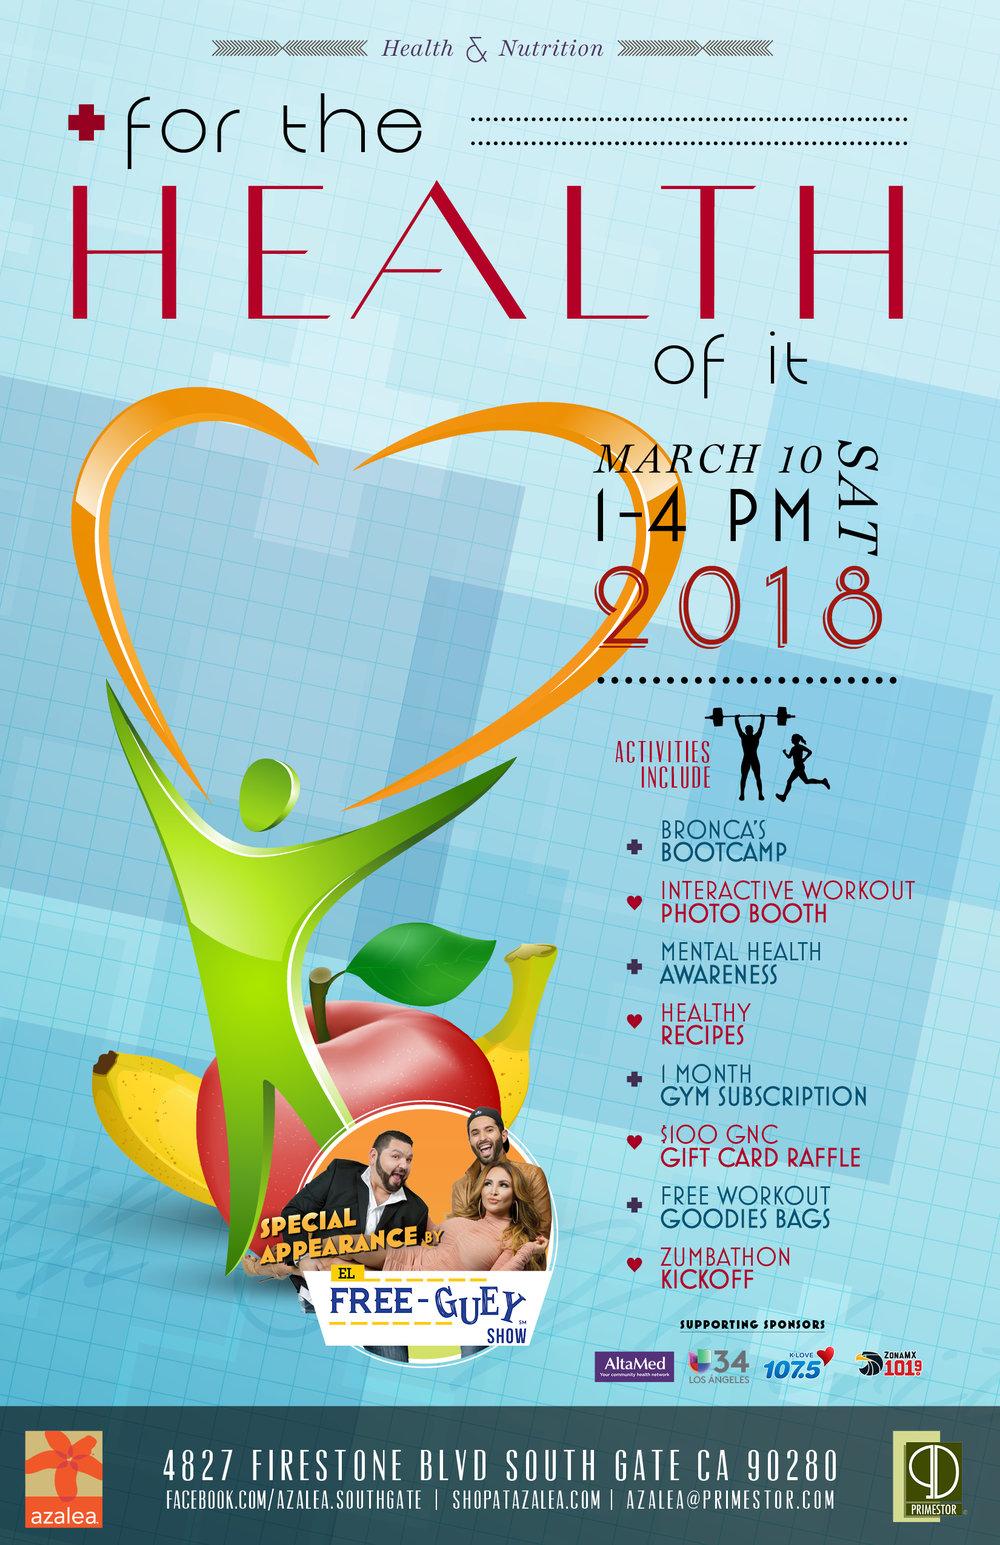 HealthNutrition_2018_v07_11x17_eng.jpg